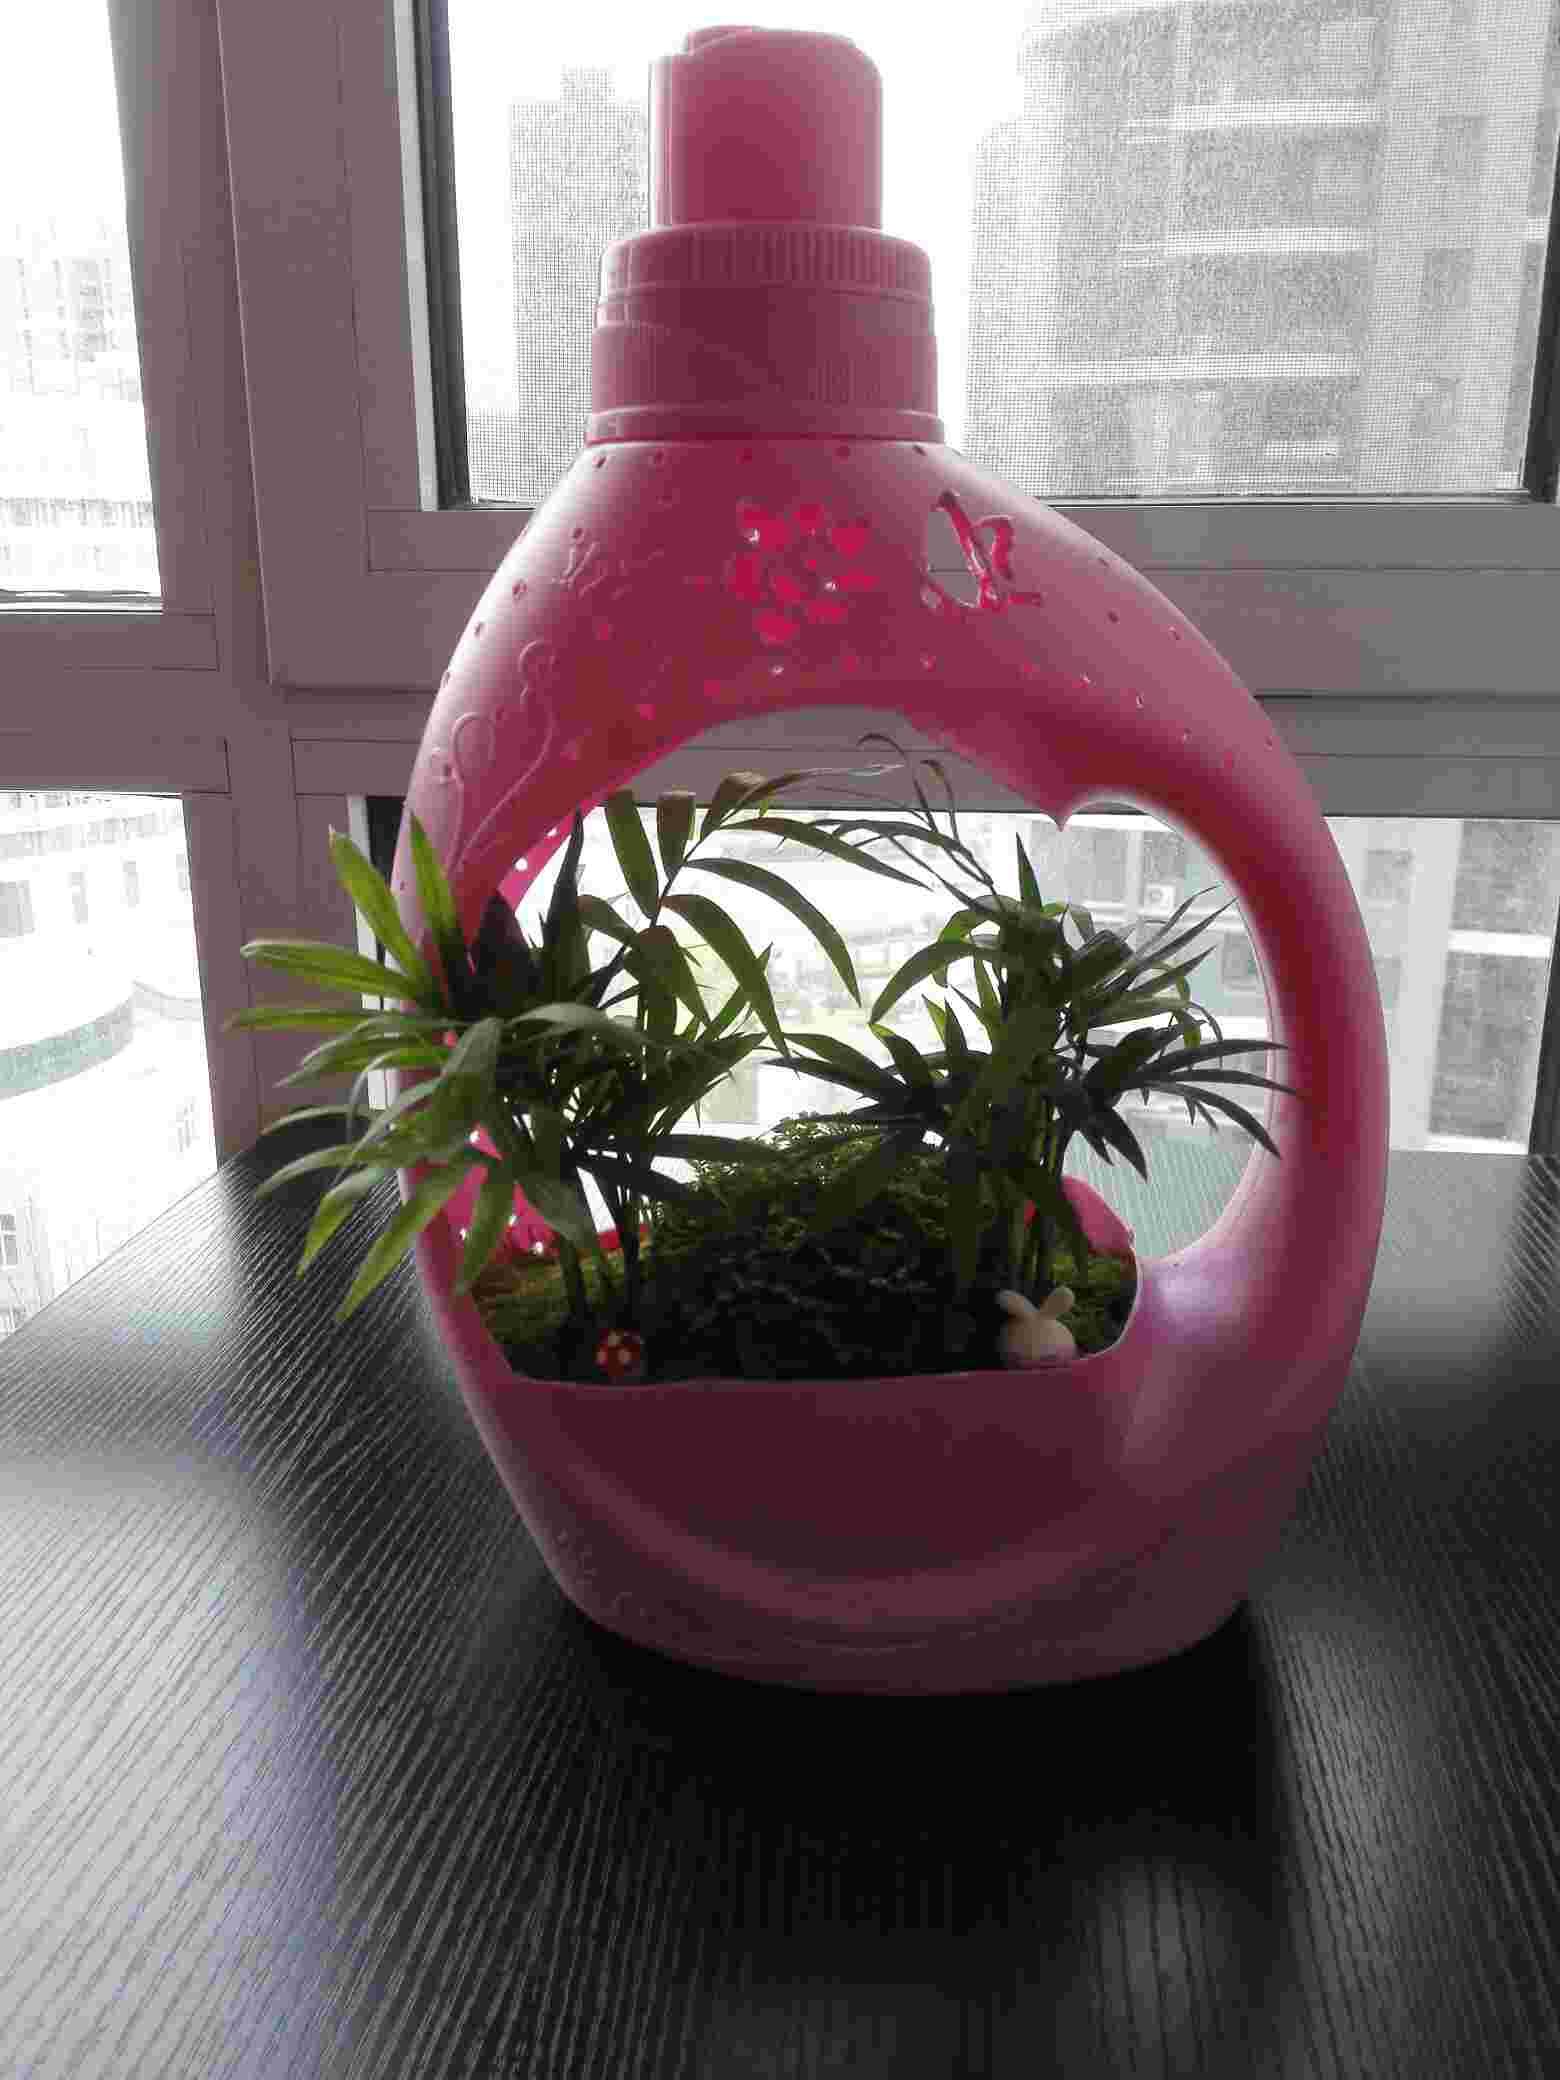 洗衣液瓶创意花盆图片_洗衣液瓶创意花盆制作图片